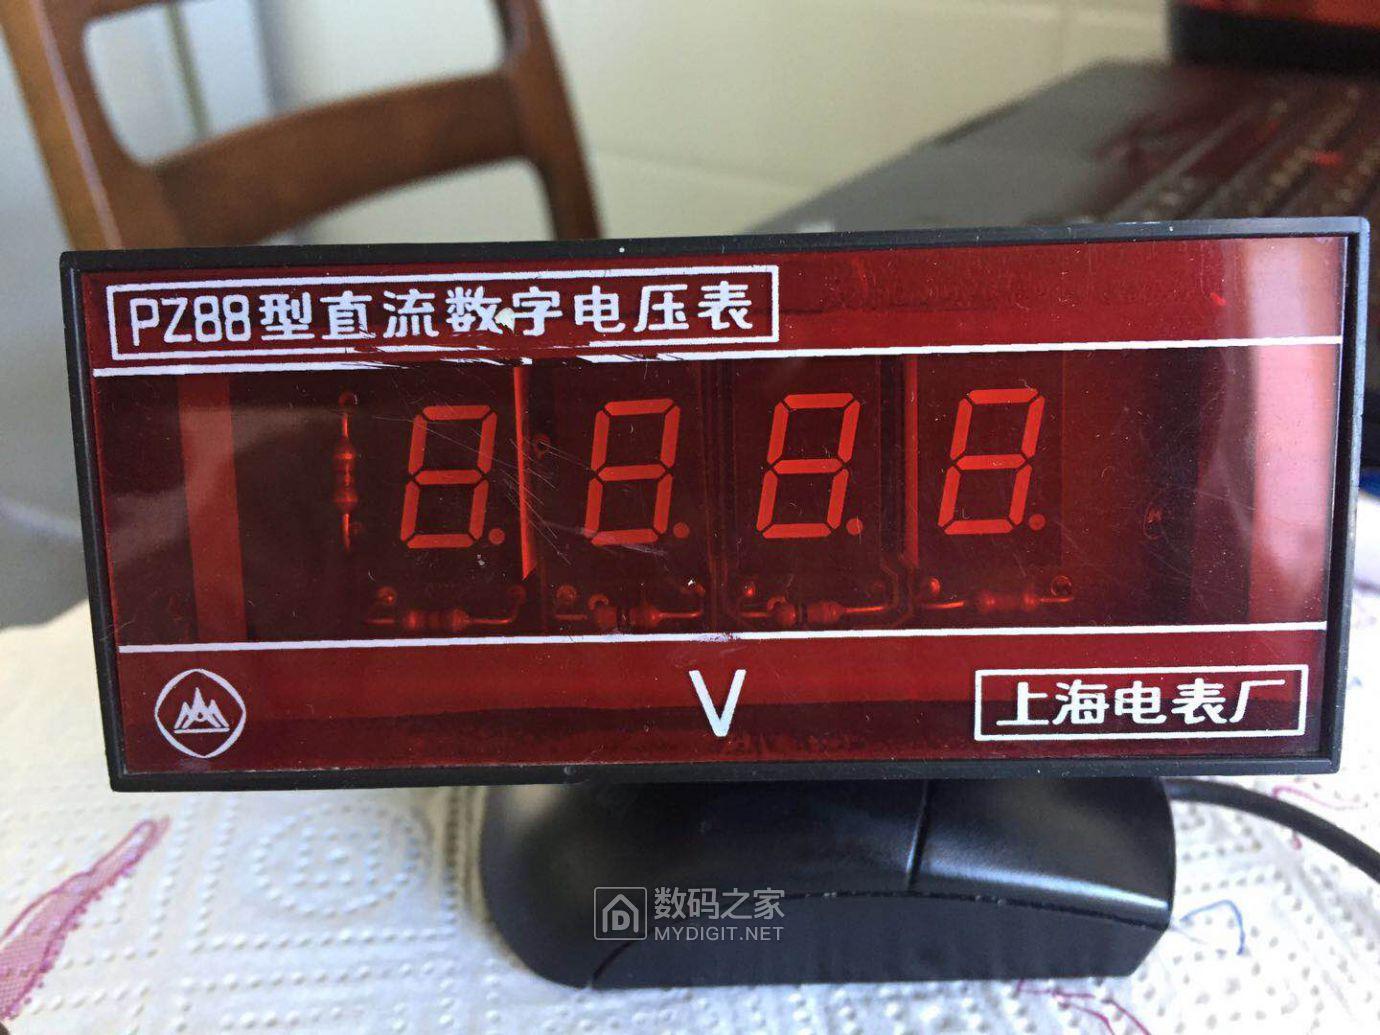 电压表.jpg